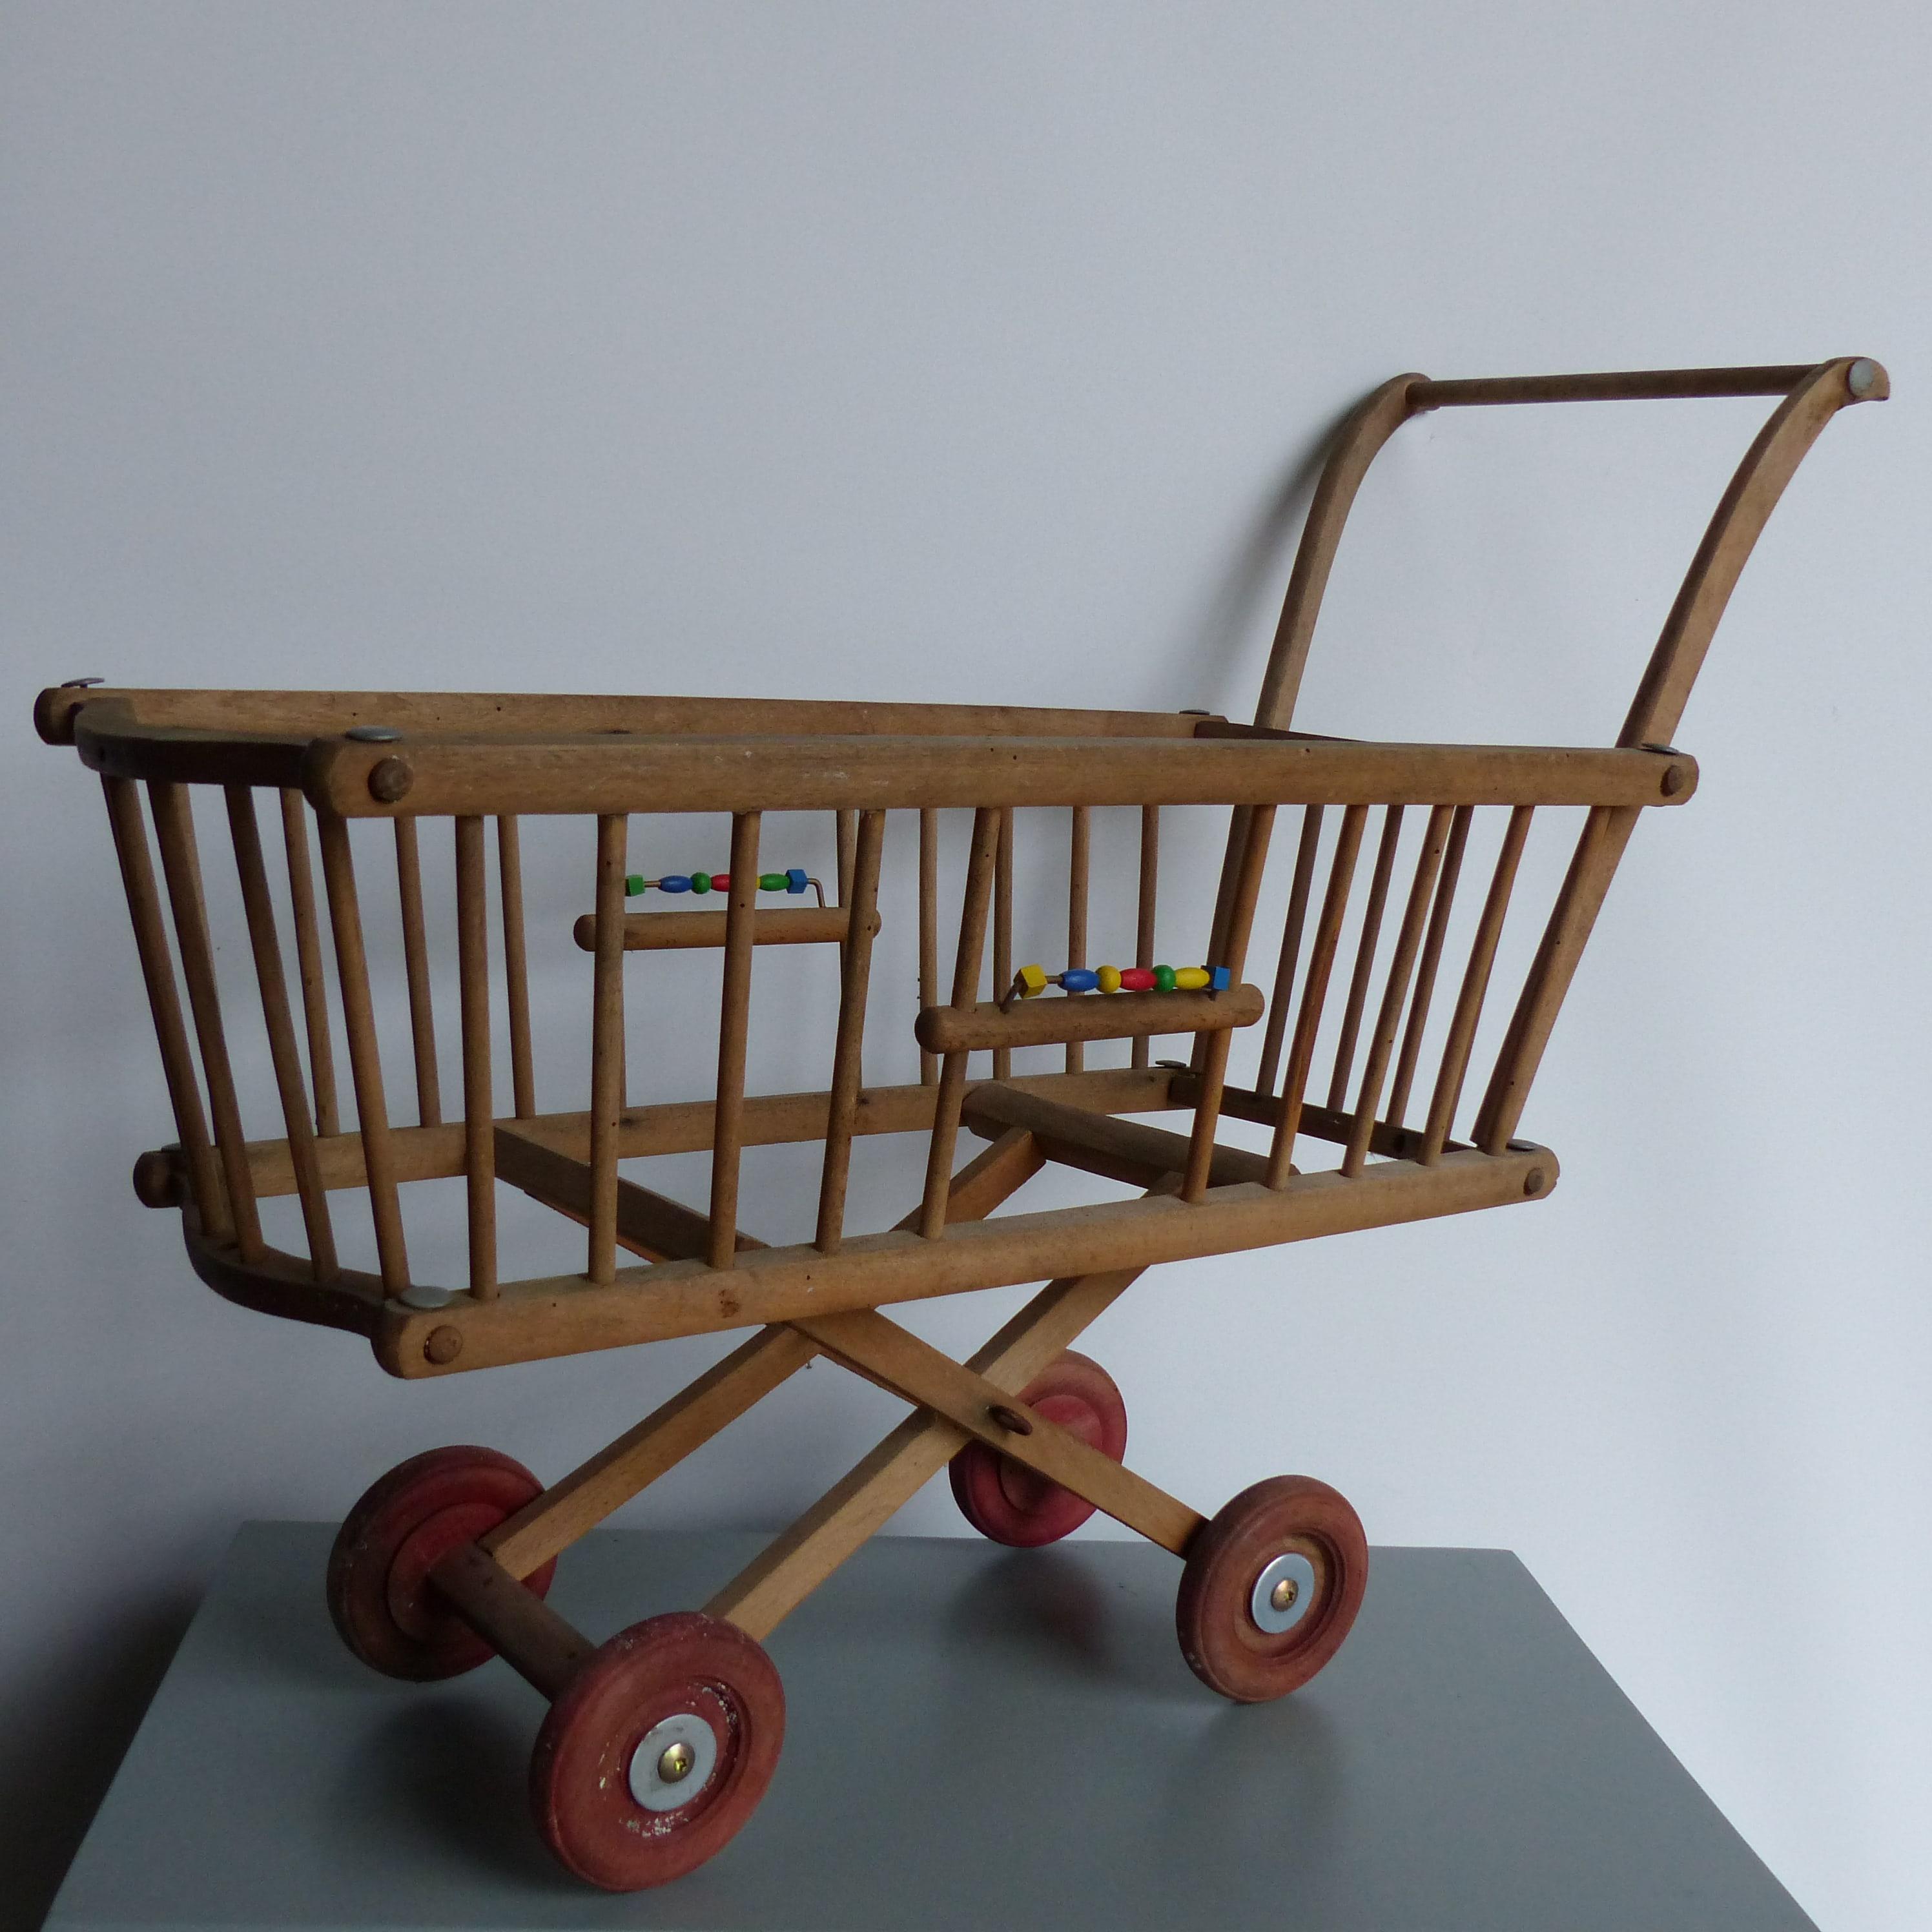 landau barreaux pour poup es en bois ancien lignedebrocante brocante en ligne chine pour. Black Bedroom Furniture Sets. Home Design Ideas